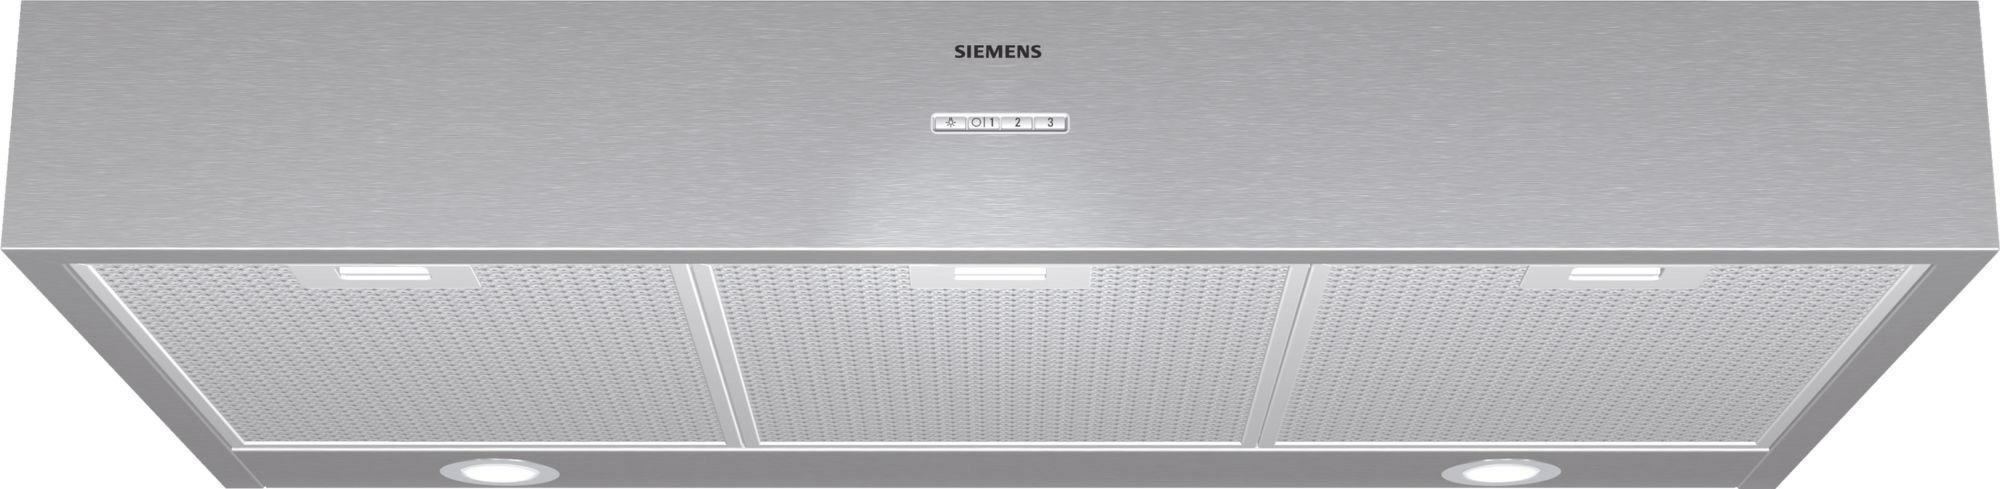 dampkap onderbouwdampkap Siemens LU29250 dampkap onderbouwdampkap LU 29250